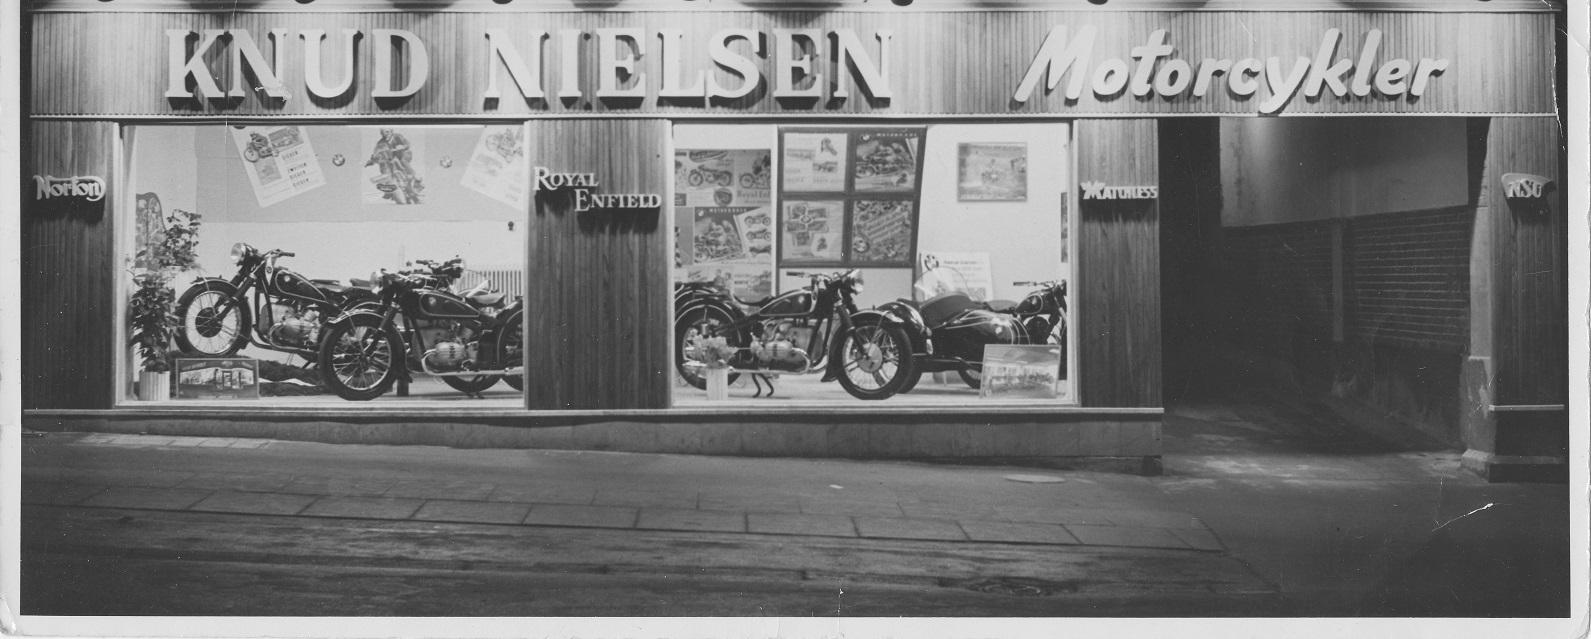 """Knud Nielsens forretning i Nørrebrogade. Billedet er fra de store mc-dage i 50´erne. Facadebeklædningen blev aldrig ændret, men """"Motorcykler"""" blev ændret til """"Automobiler"""", da tiderne skiftede."""